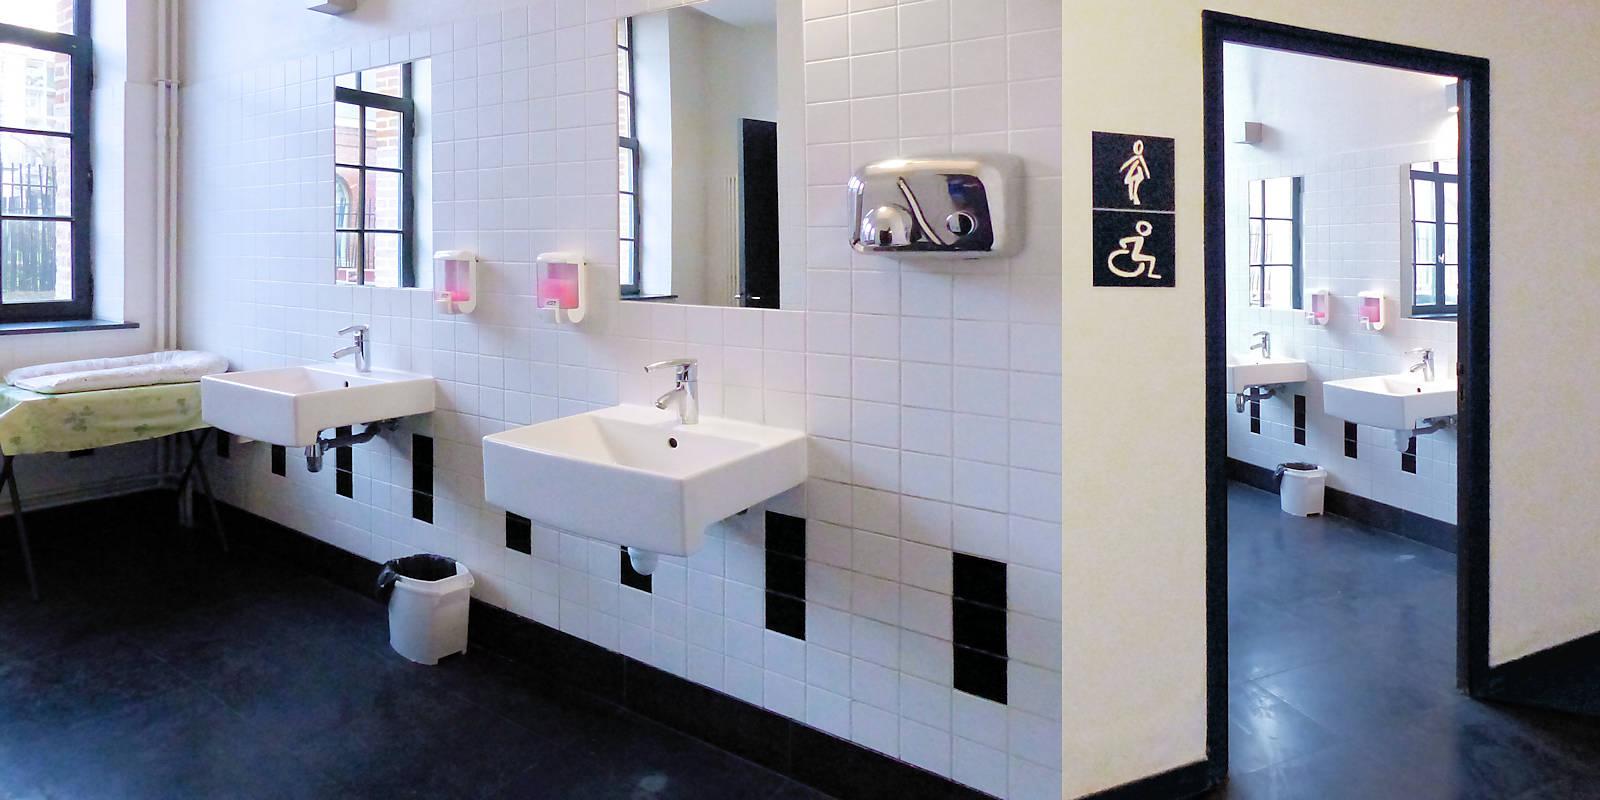 Toilettes femmes et personnes handicapées